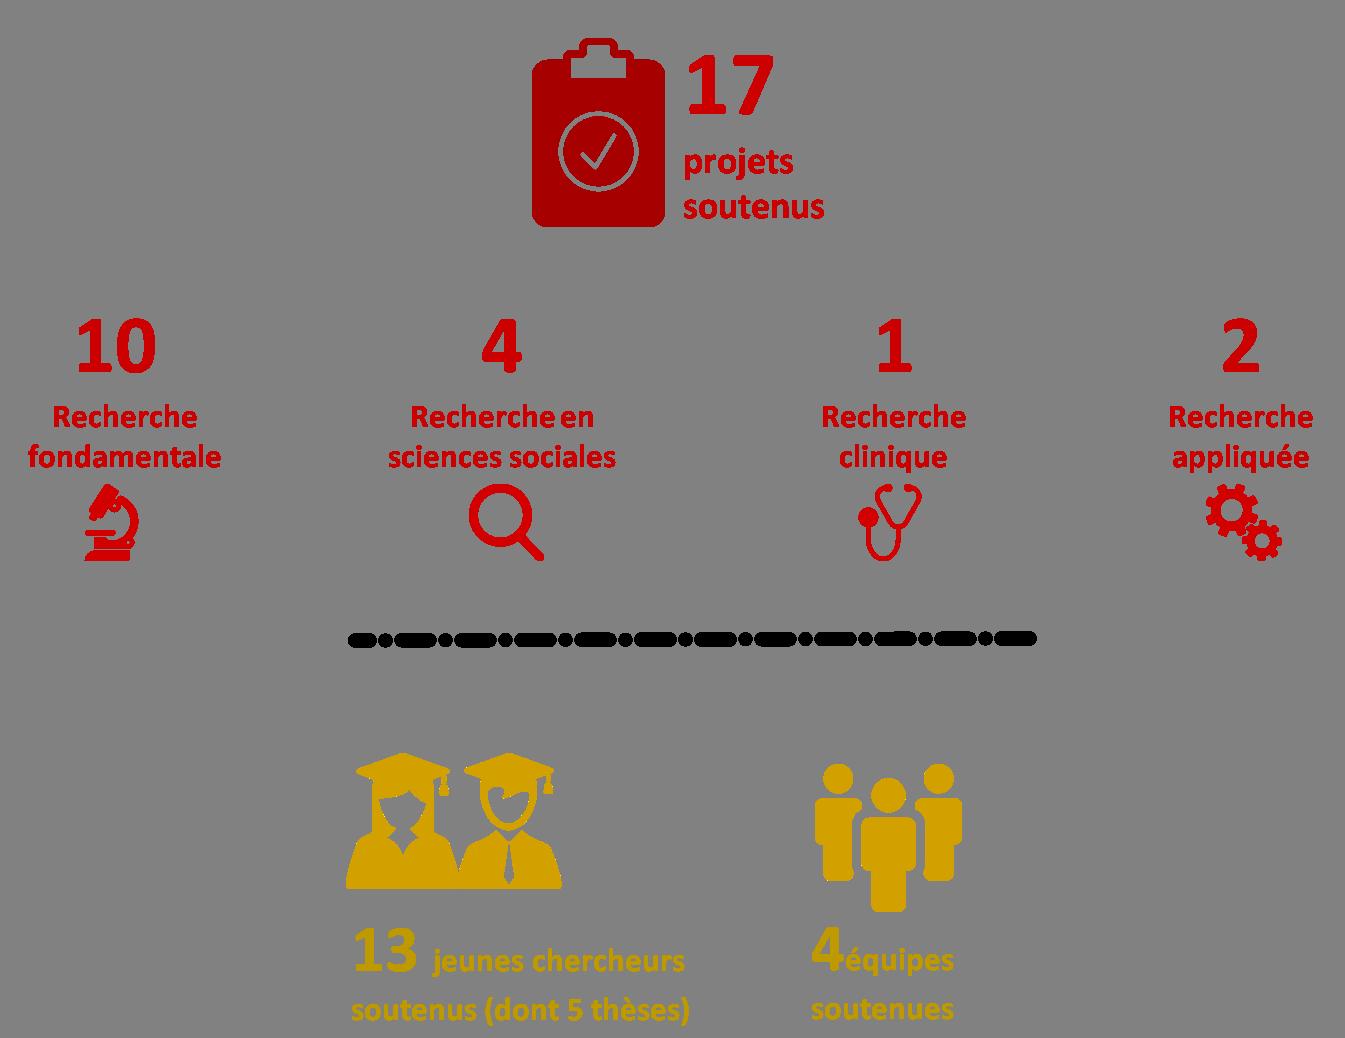 infographie résultat de l'appel d'offre scientifique 2019 première session